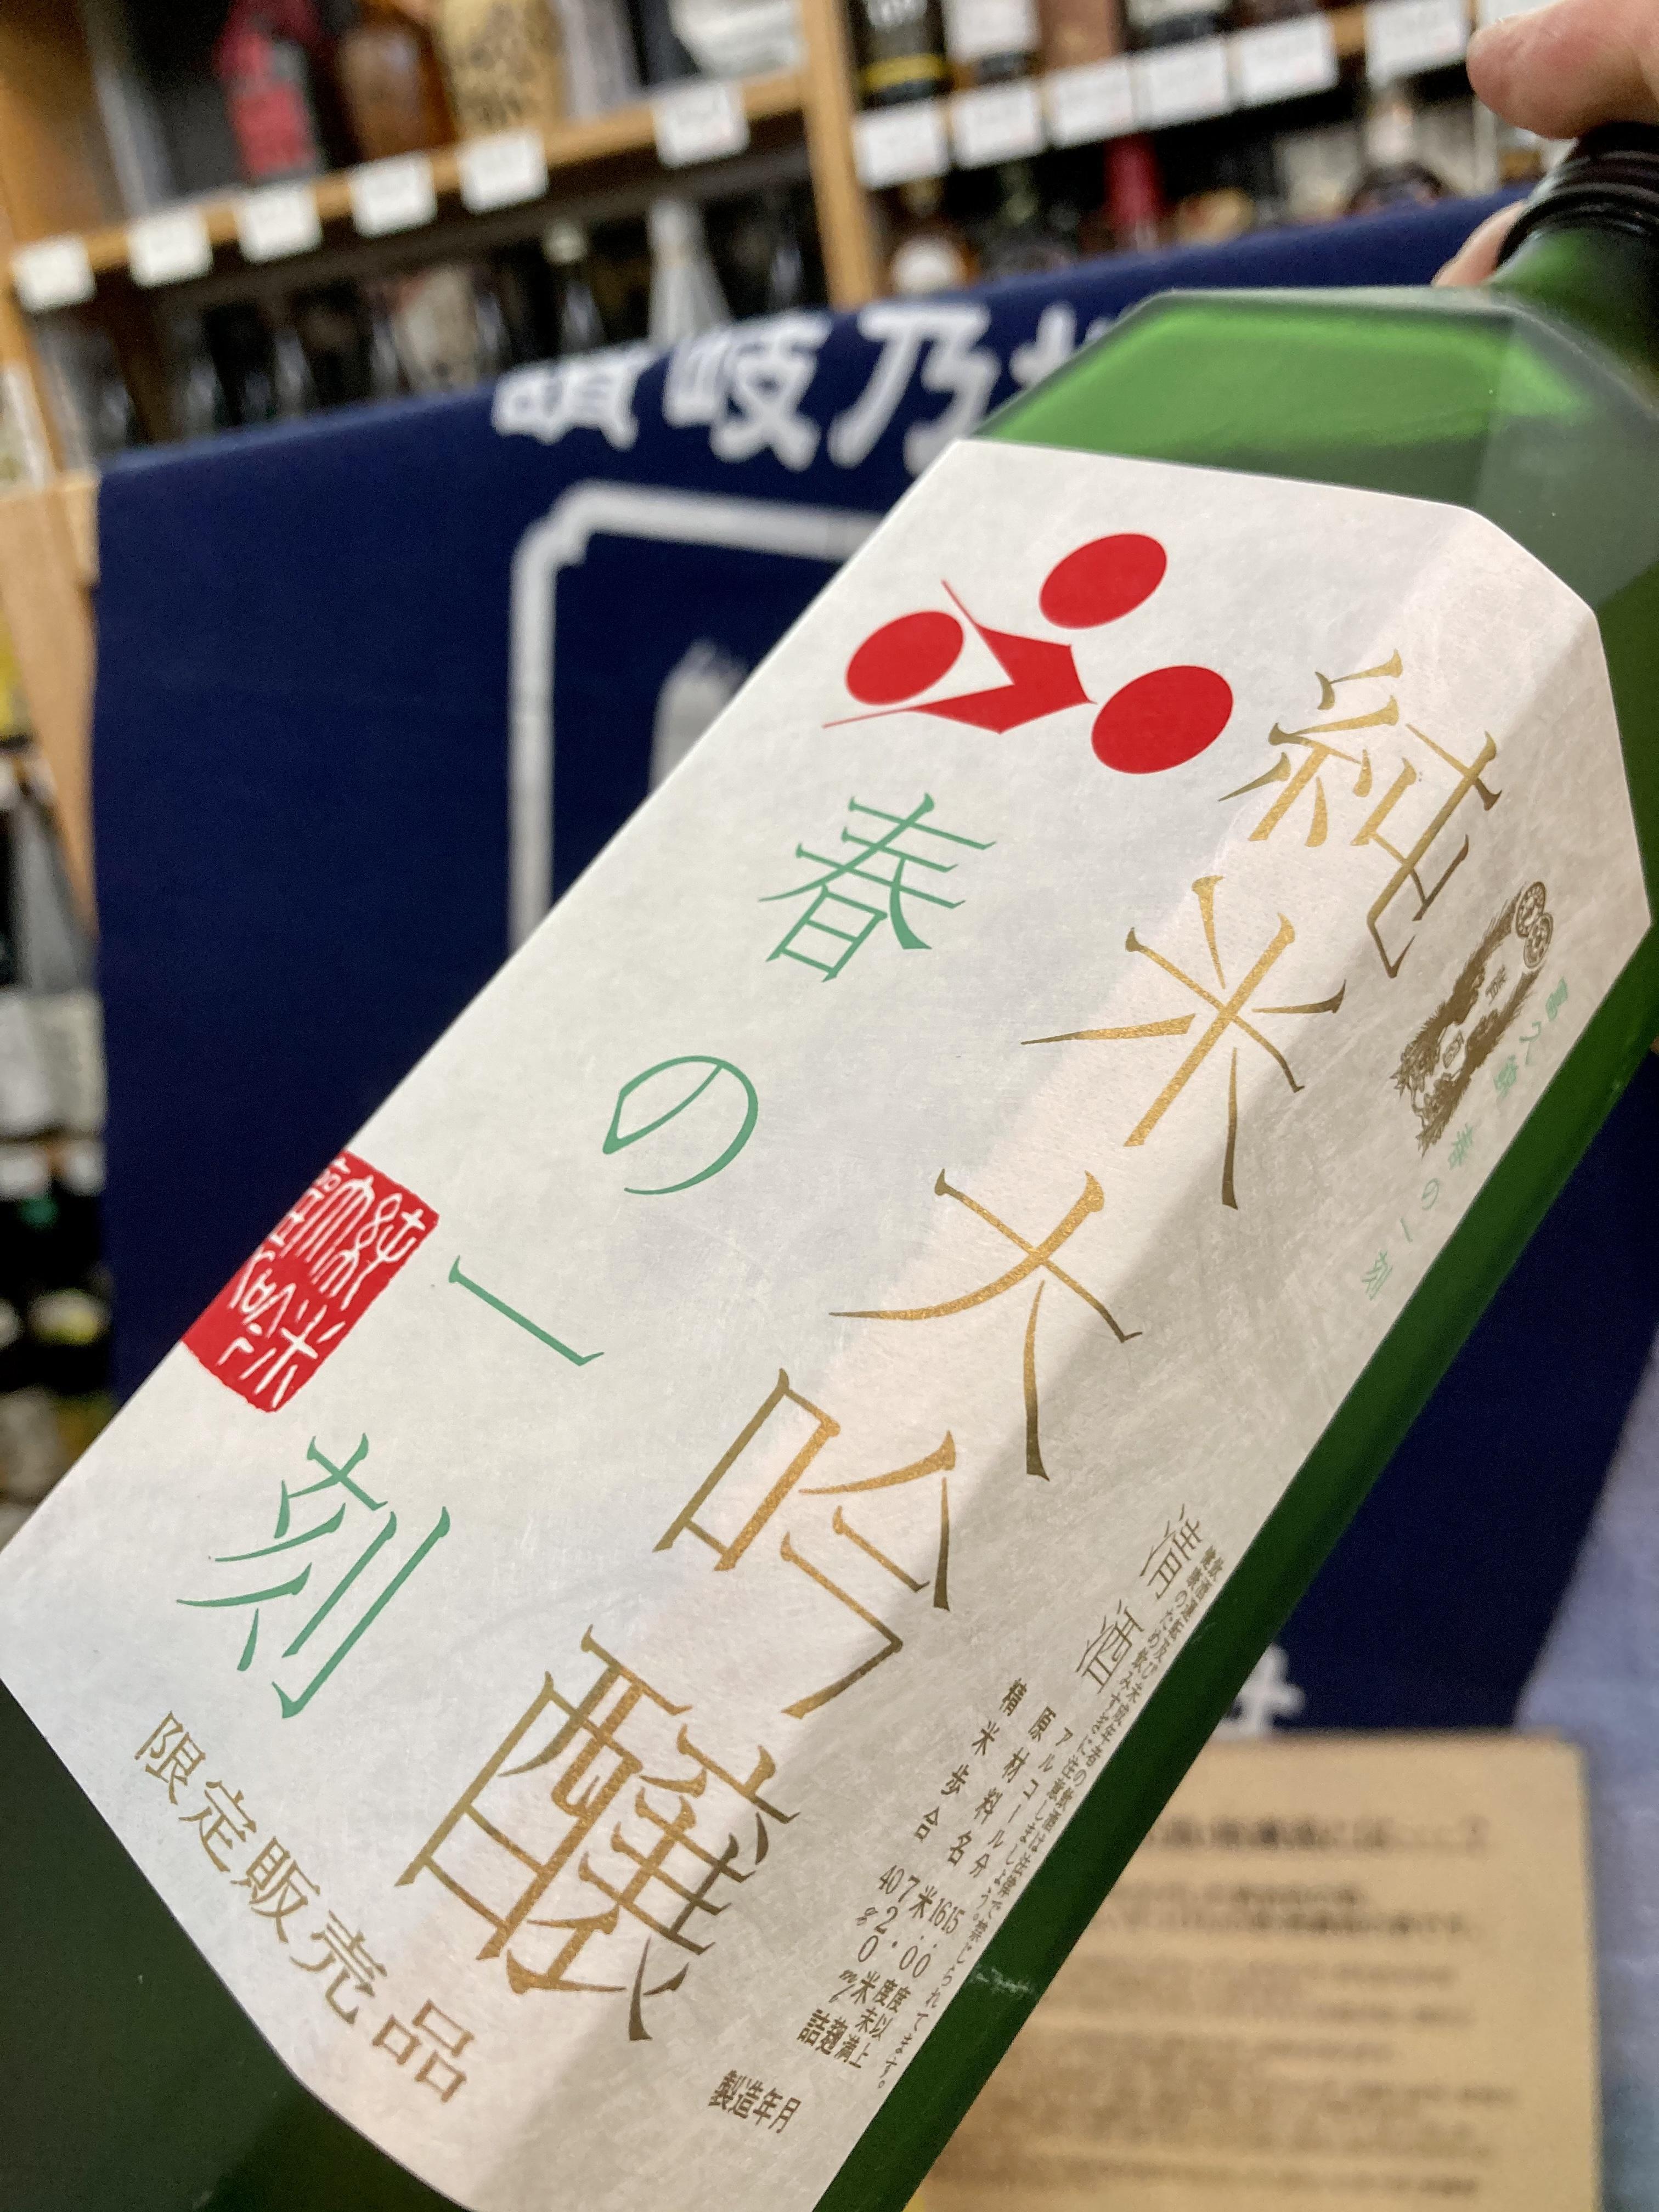 【富久錦株式会社】さんの、時季・数量限定の至福の一本☆ 『富久錦 純米大吟醸 生酒〈春の一刻〉』